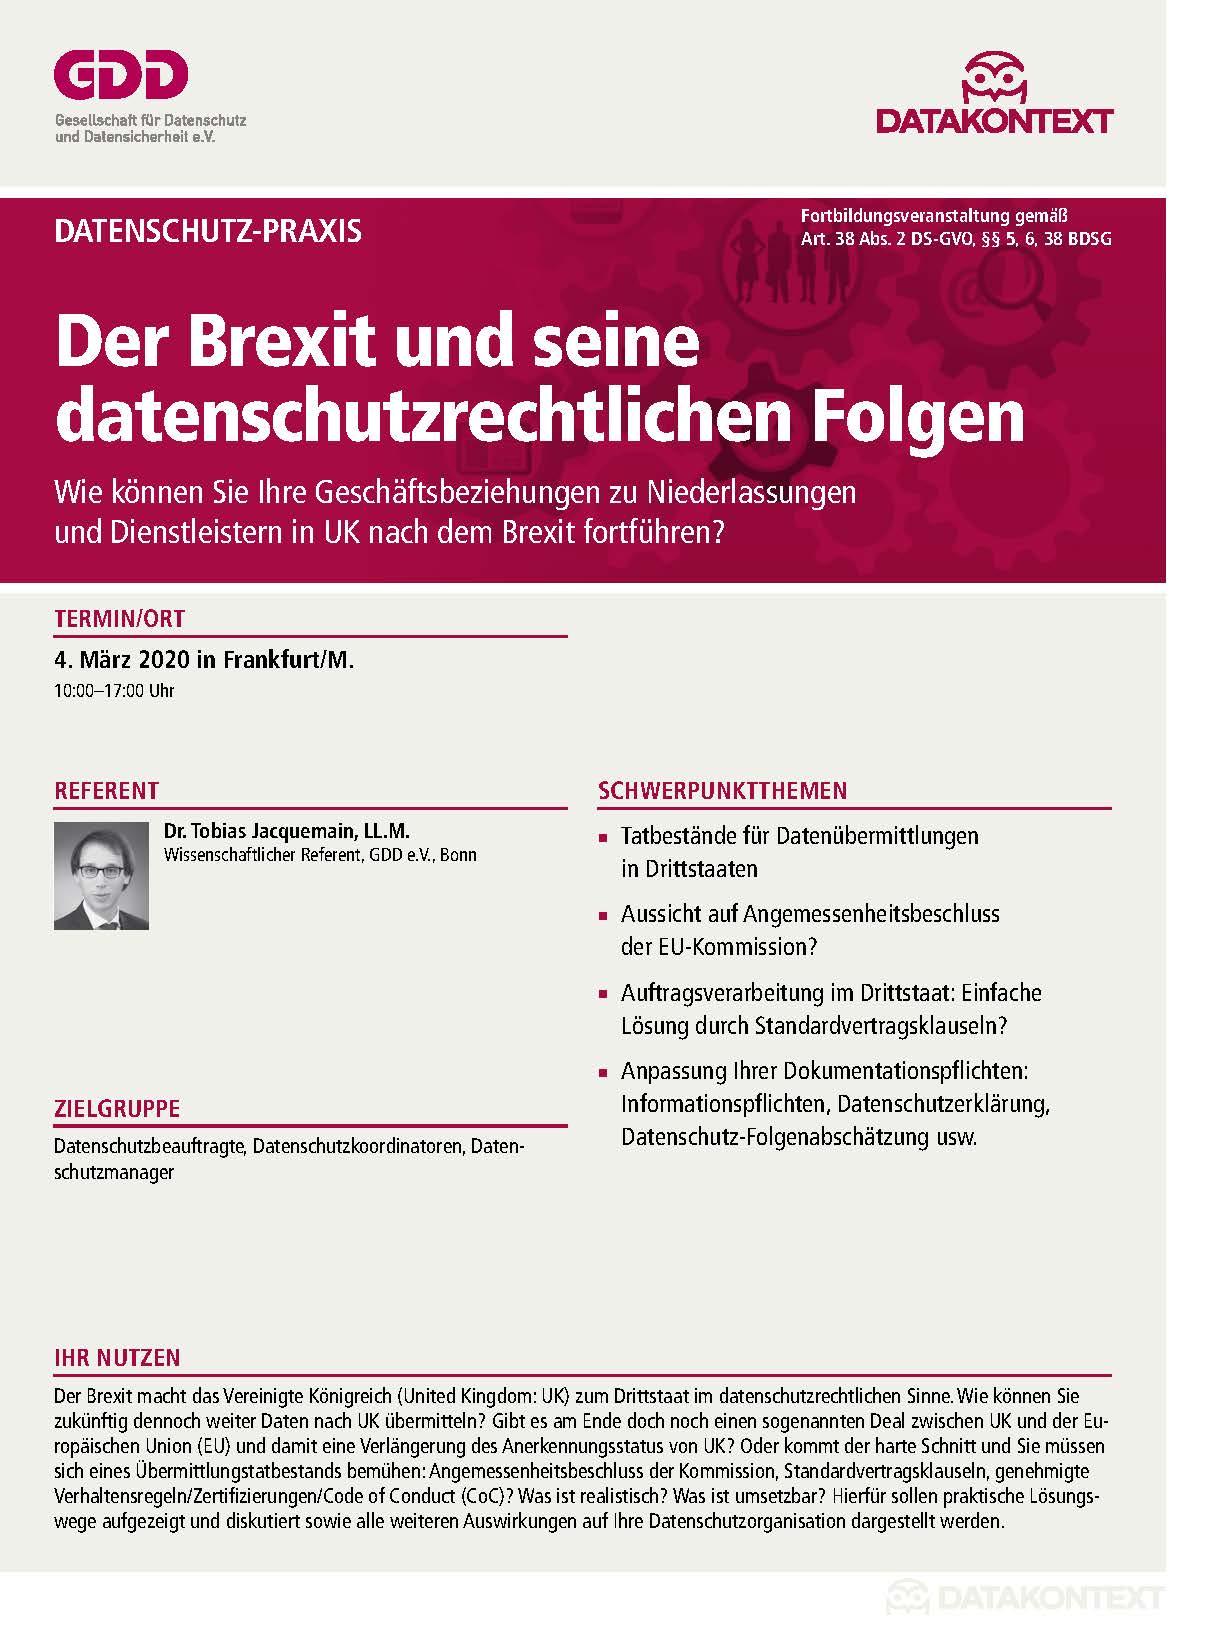 Der Brexit und seine datenschutzrechtlichen Folgen